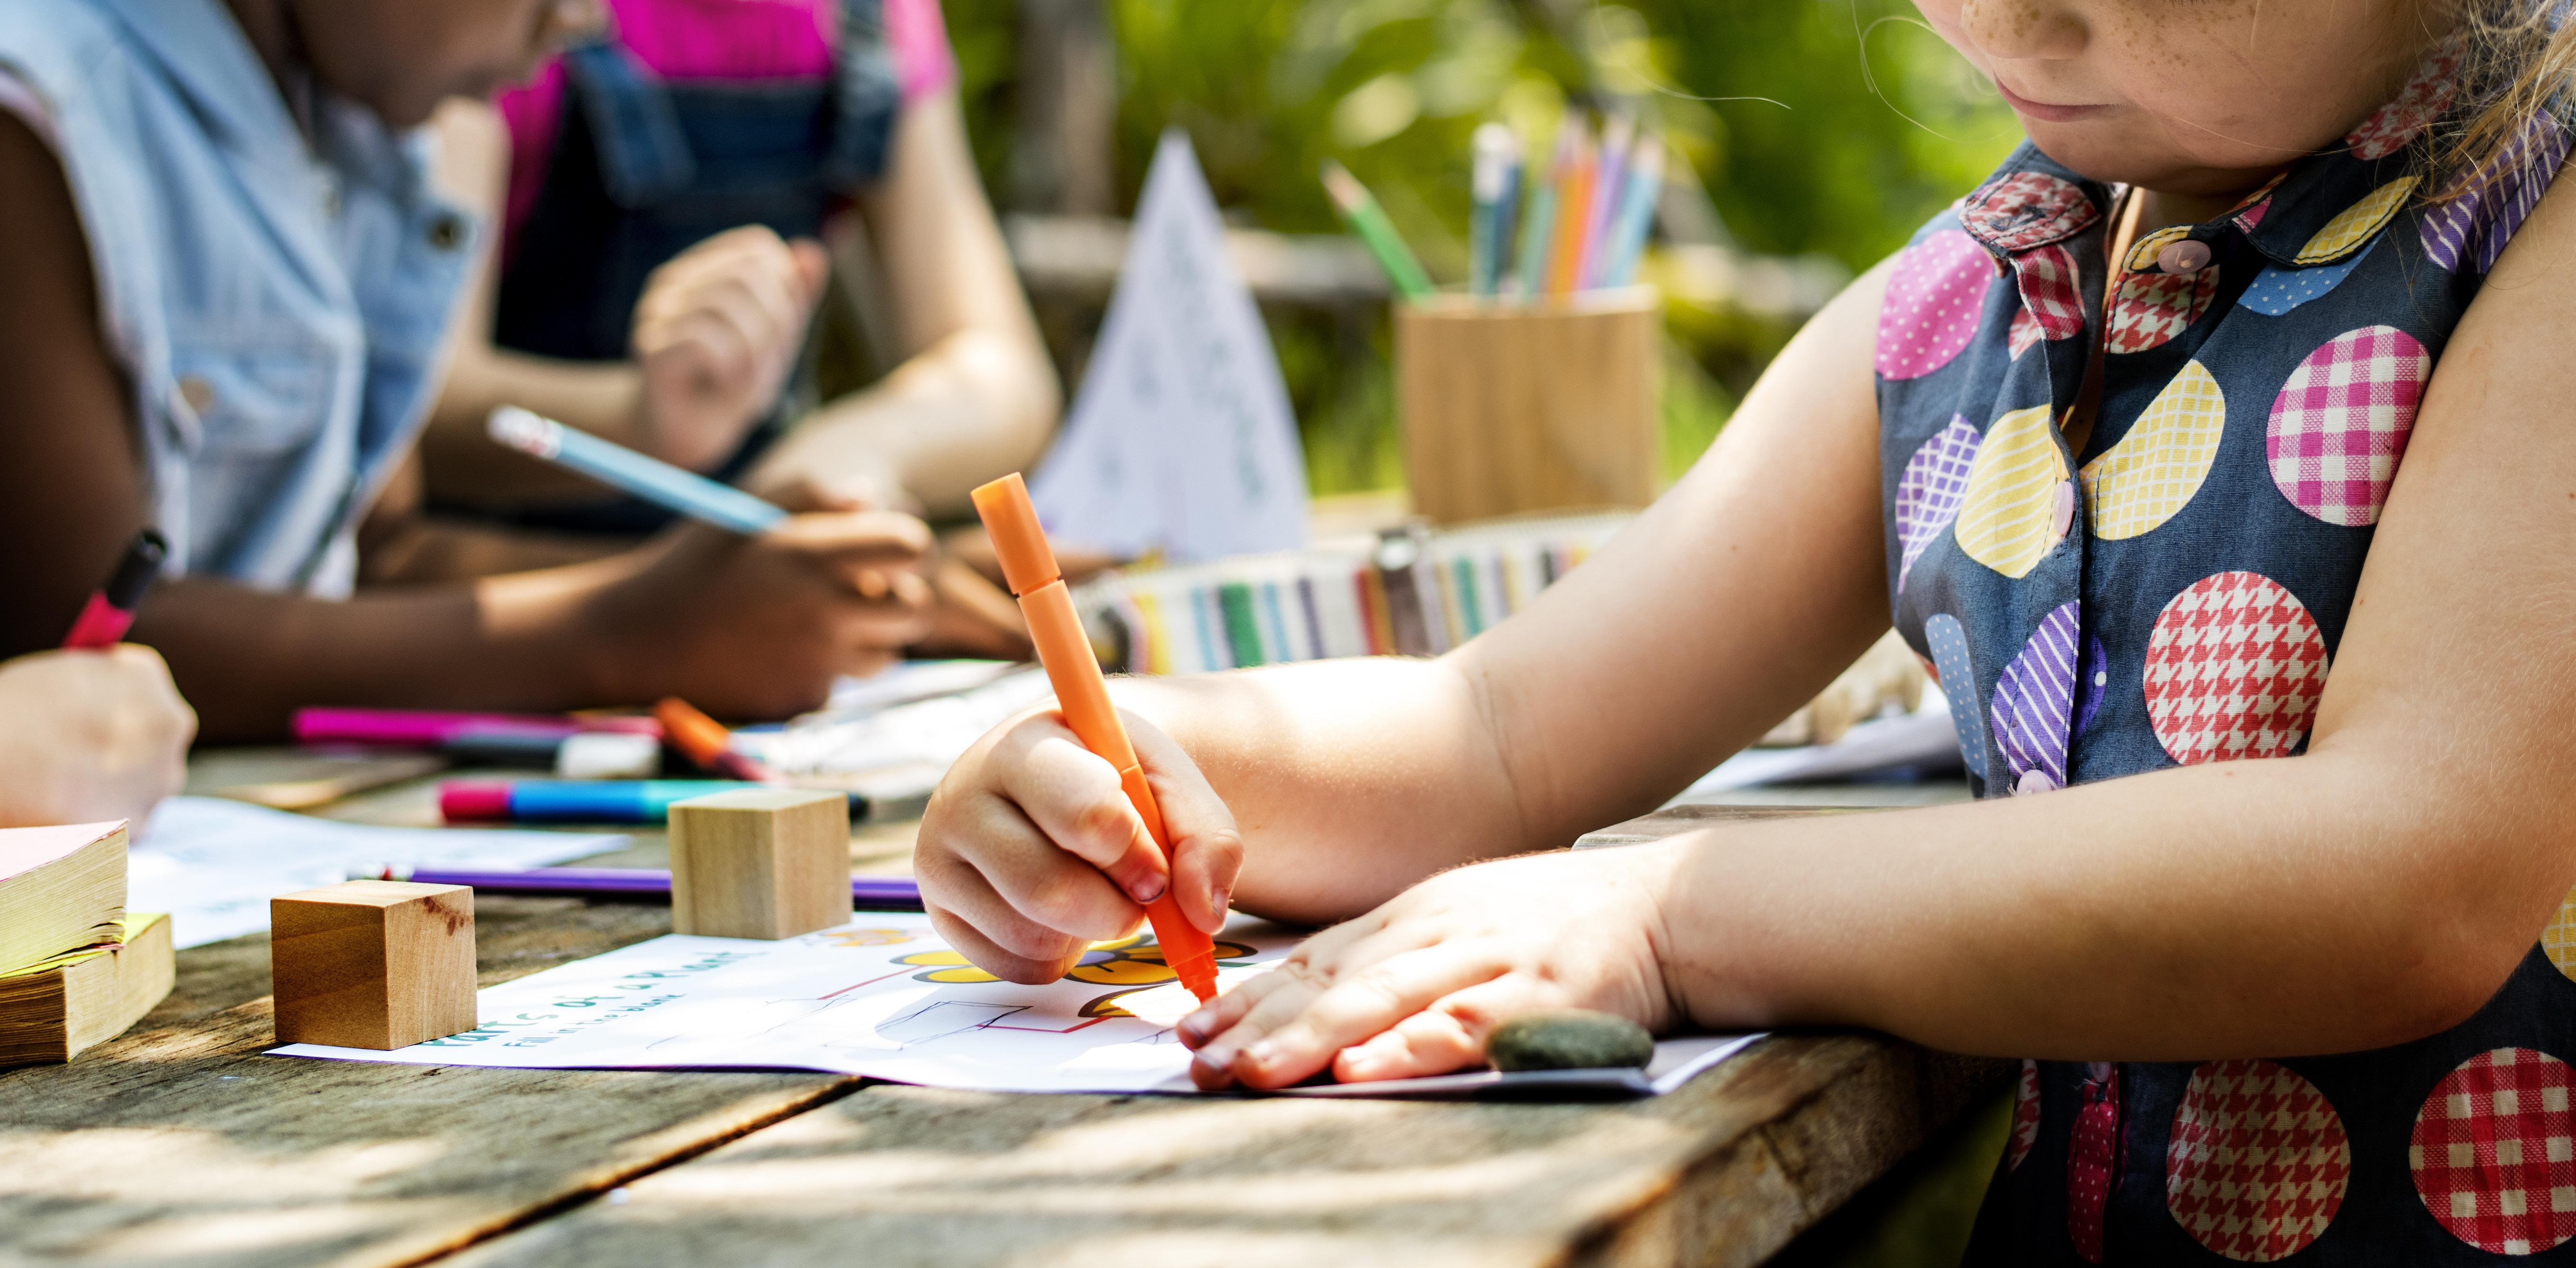 Comment les jardins d'enfants sont devenus un business? Nabiha Kamoun Tlili évoque les zones d'ombre du